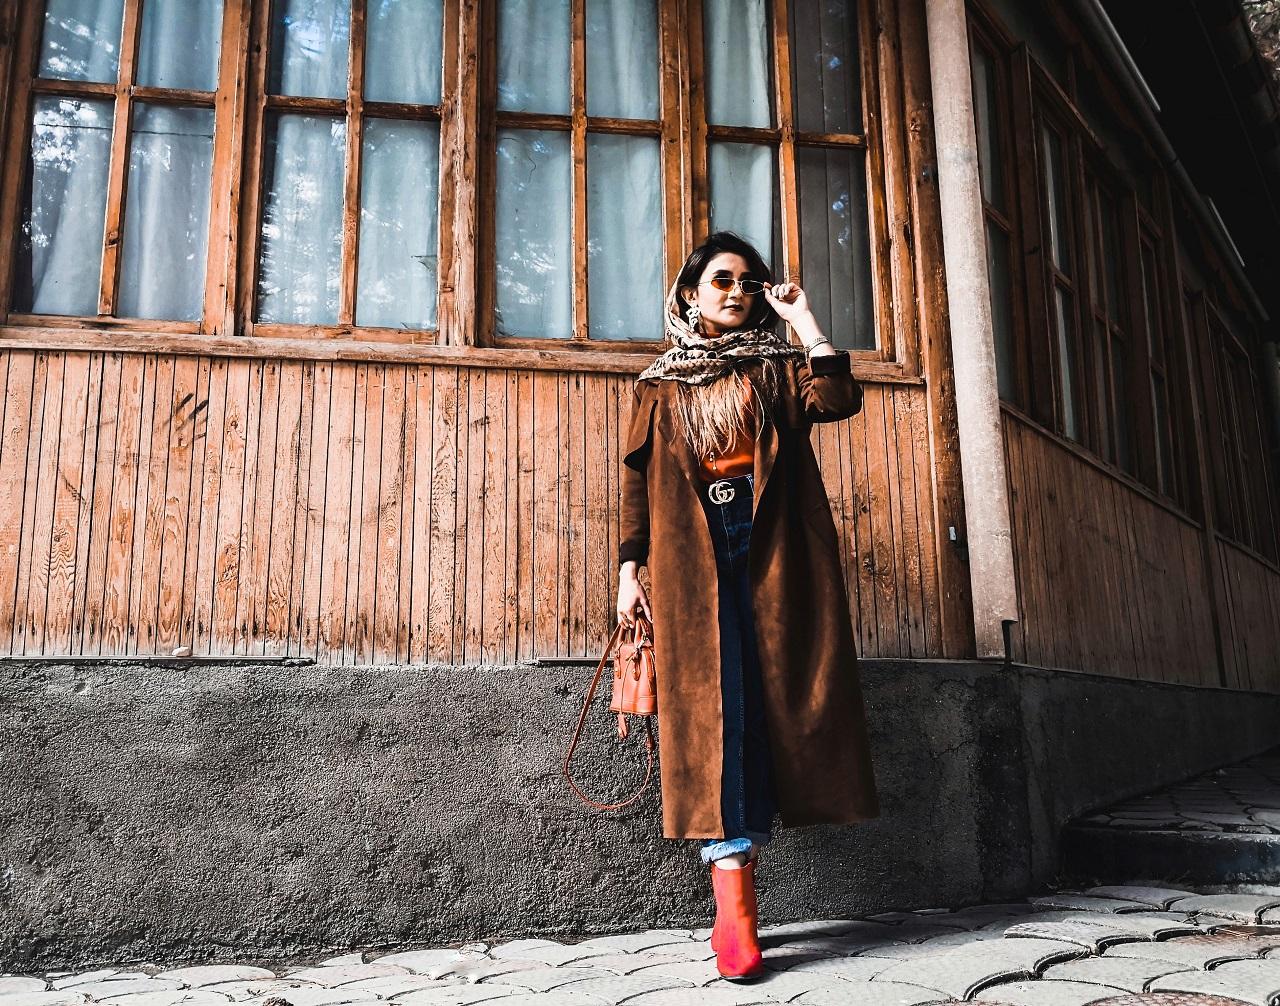 Ubrania, dzięki którym podkreślisz swój styl